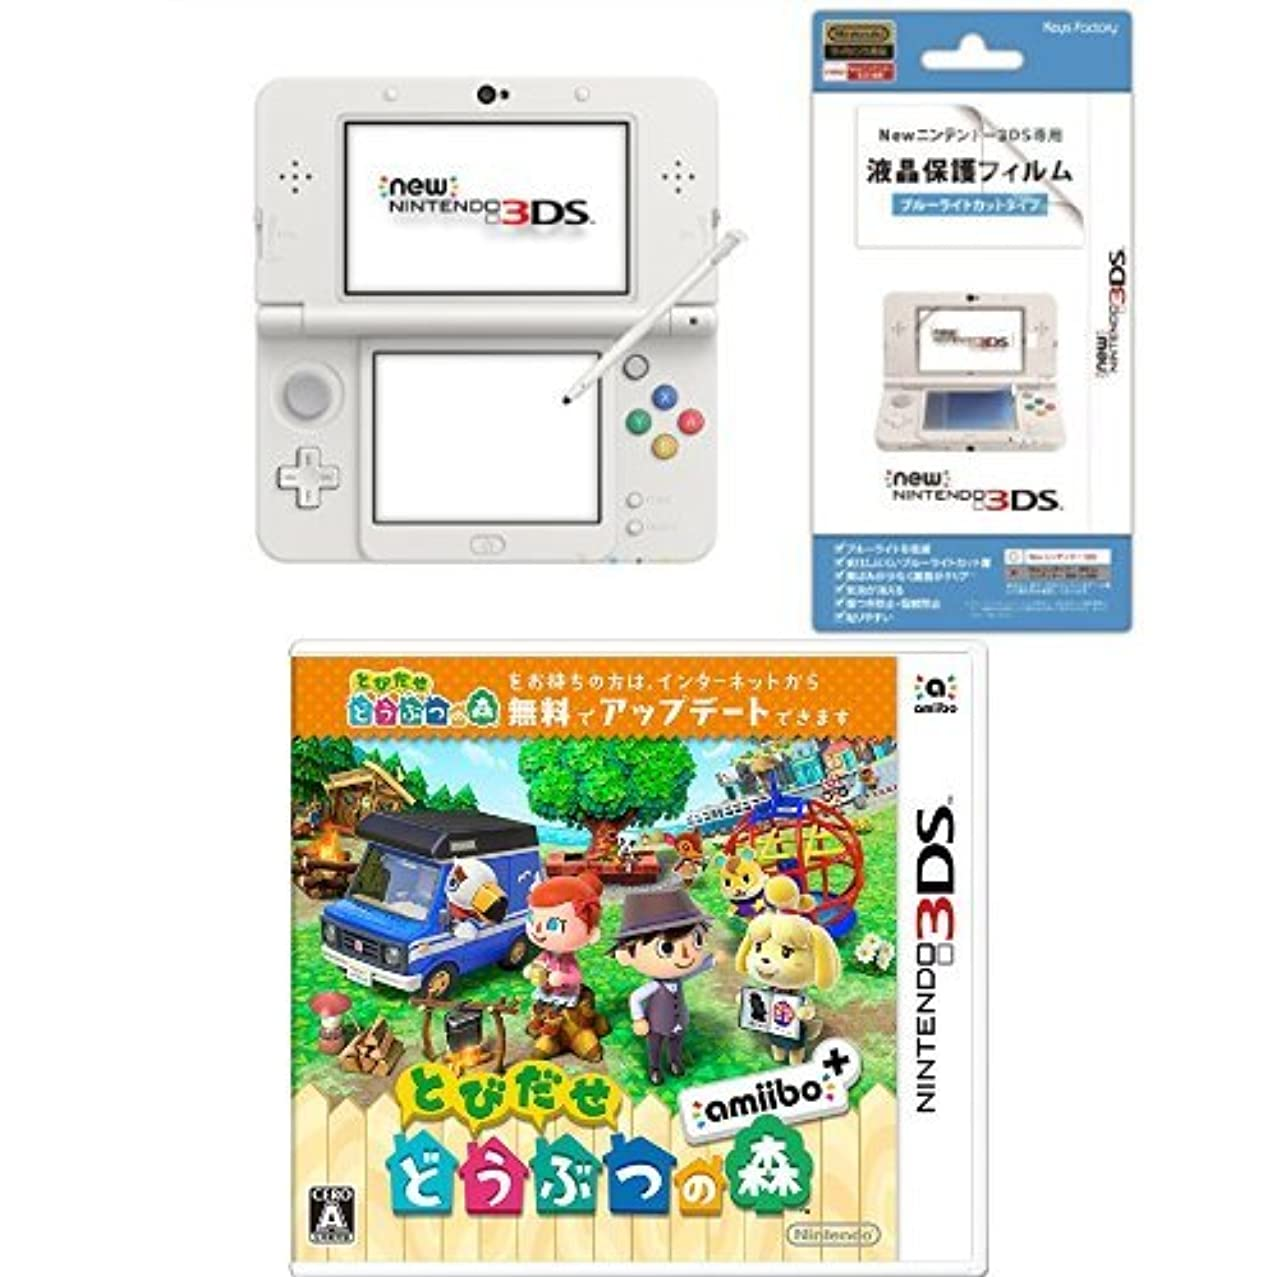 申し立てられた風が強い業界【Amazon.co.jp限定】 【液晶保護フィルム付き (ブルーライトカットタイプ) 】New ニンテンドー3DS ホワイト + とびだせ どうぶつの森 amiibo+ (「『とびだせ どうぶつの森 amiibo+』 amiiboカード」1枚 同梱) - 3DS セット